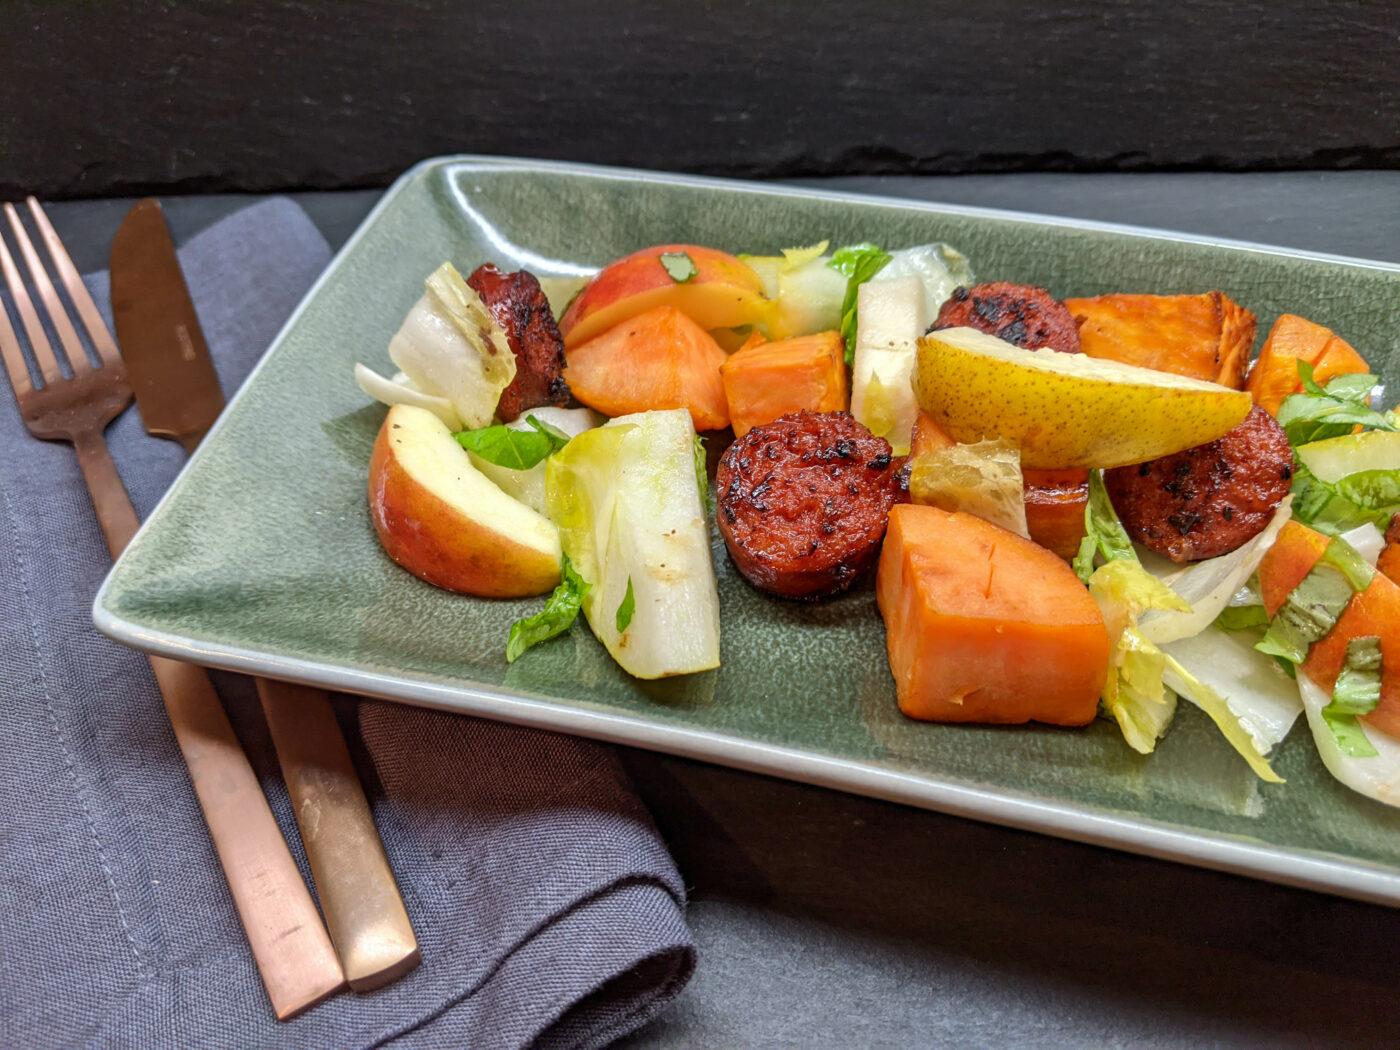 Süßkartoffel-Salat mit Kartoffeldressing, Äpfeln, Birnen, Chicoree und gebratener Chorizo